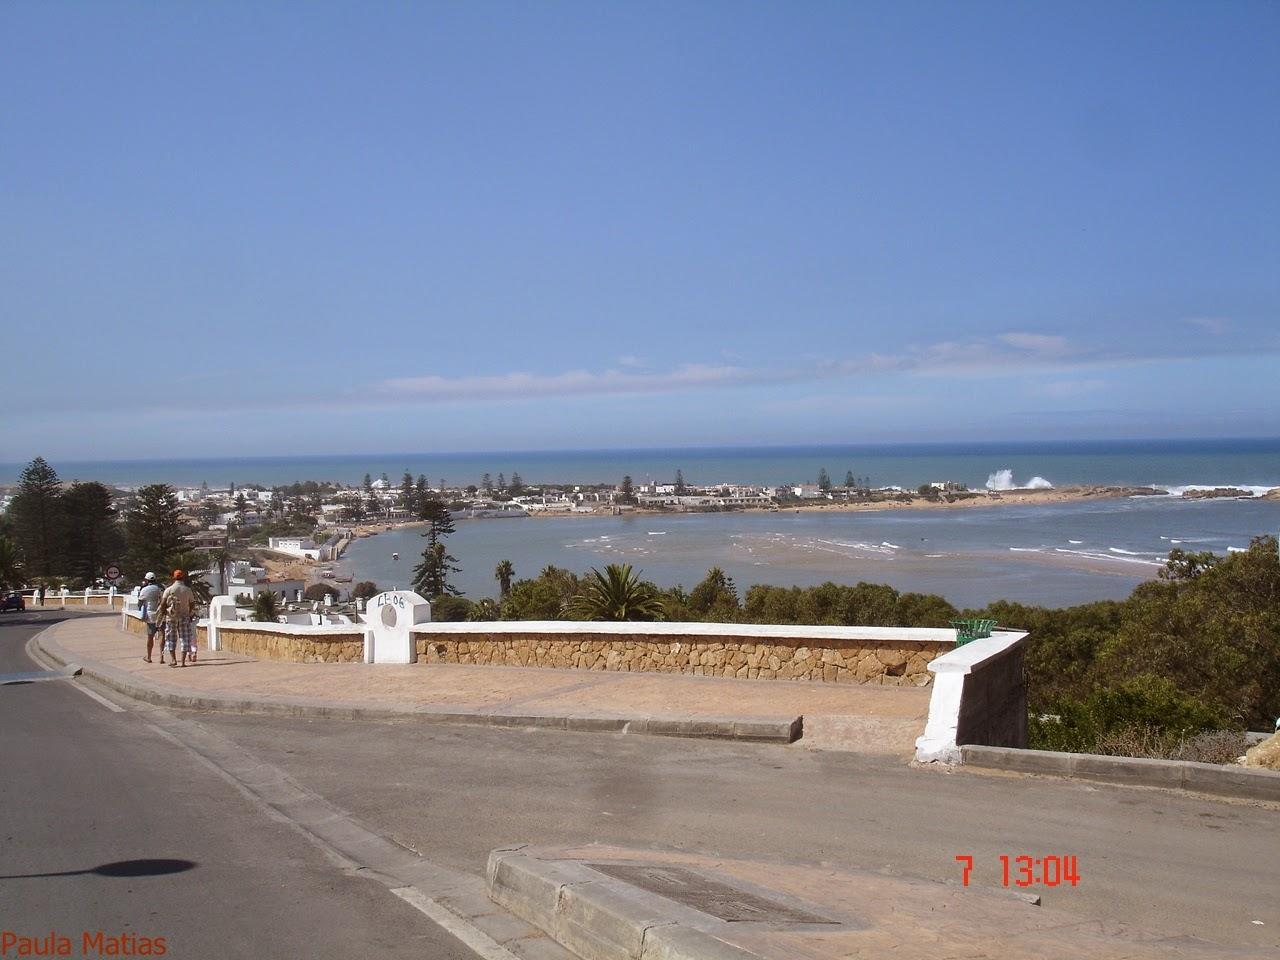 marrocos - Marrocos 2014 - O regresso  DSC03224_new